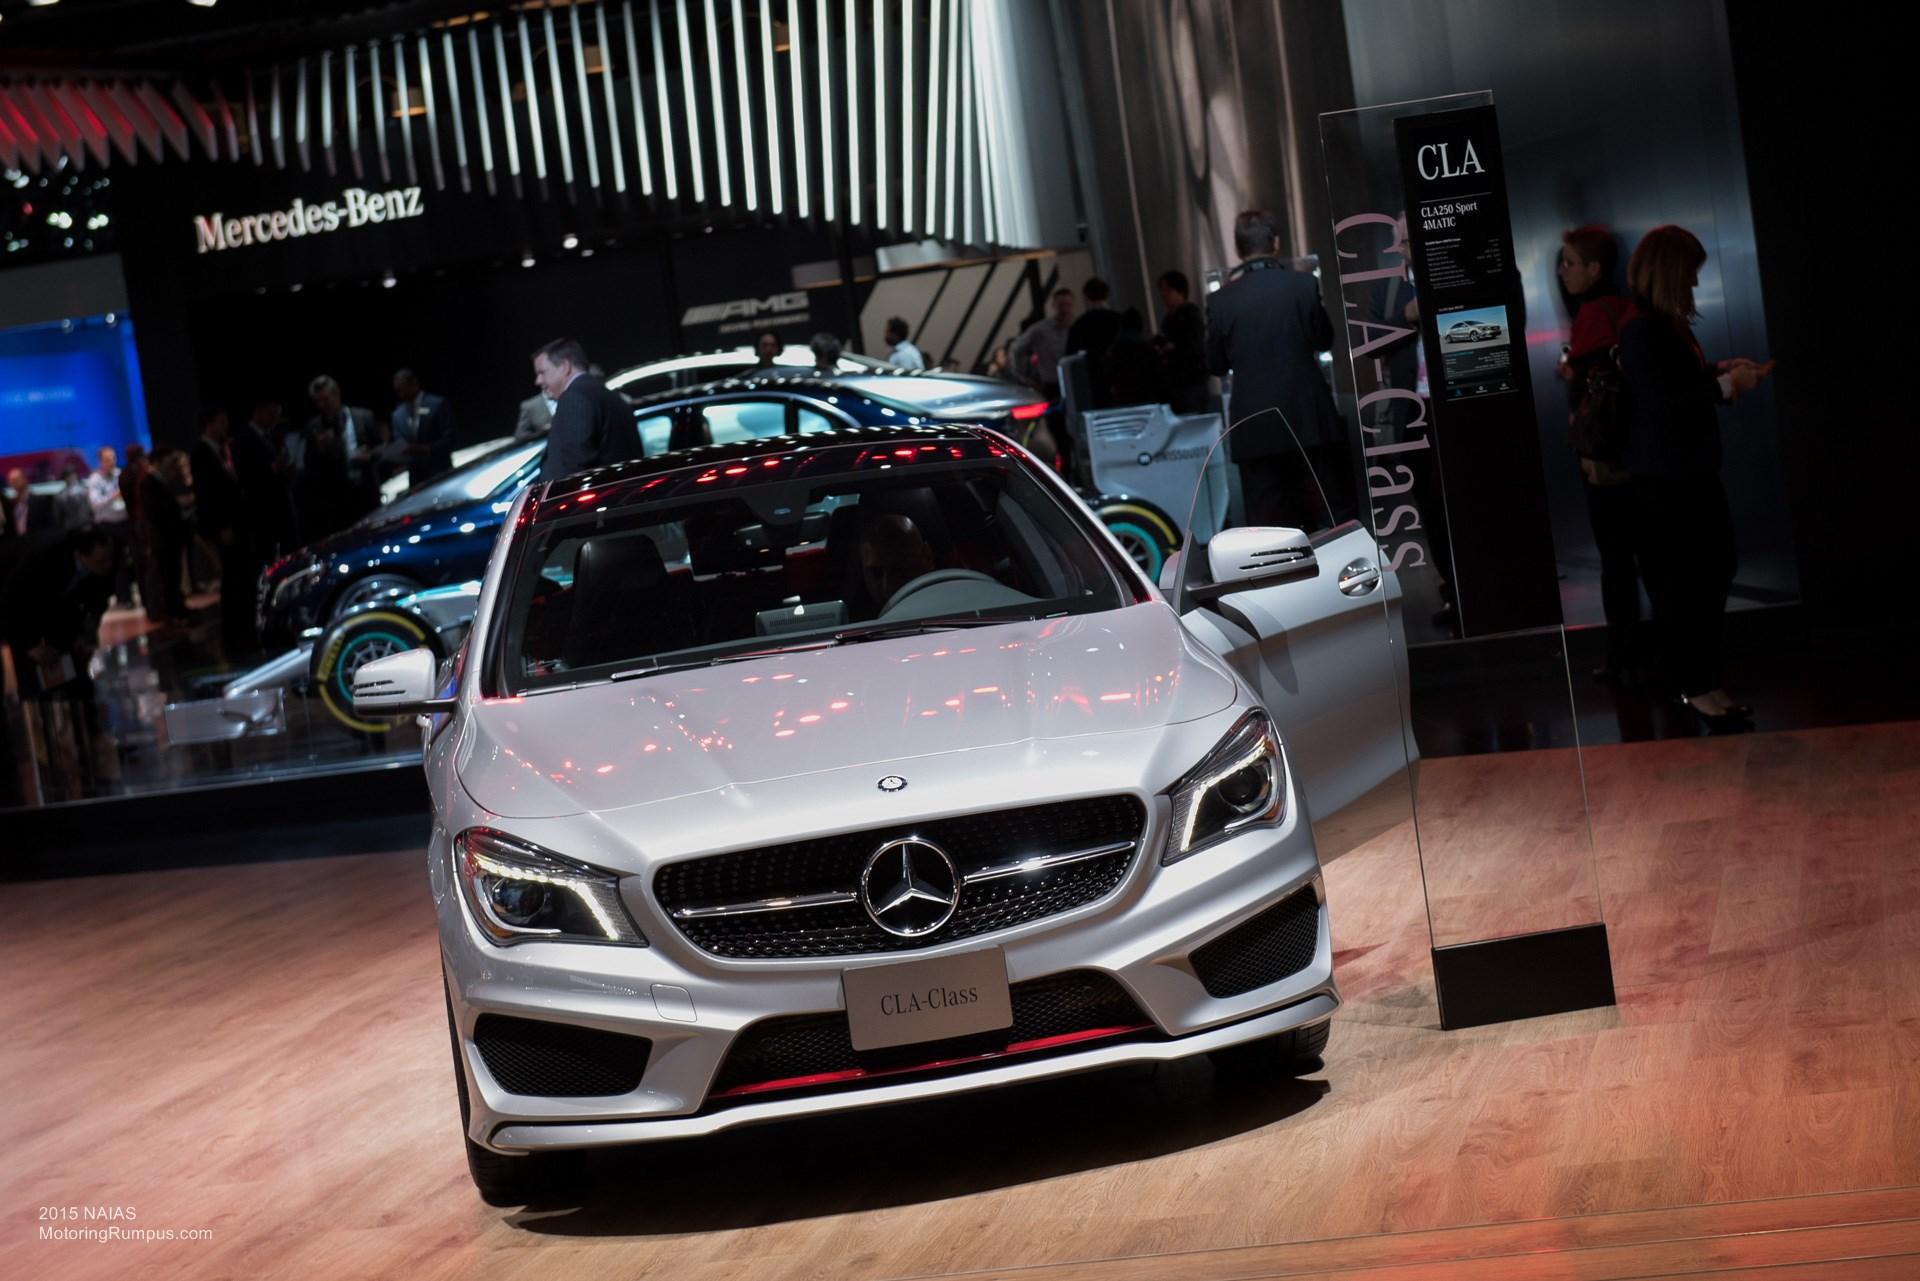 2015 NAIAS Mercedes-Benz CLA250